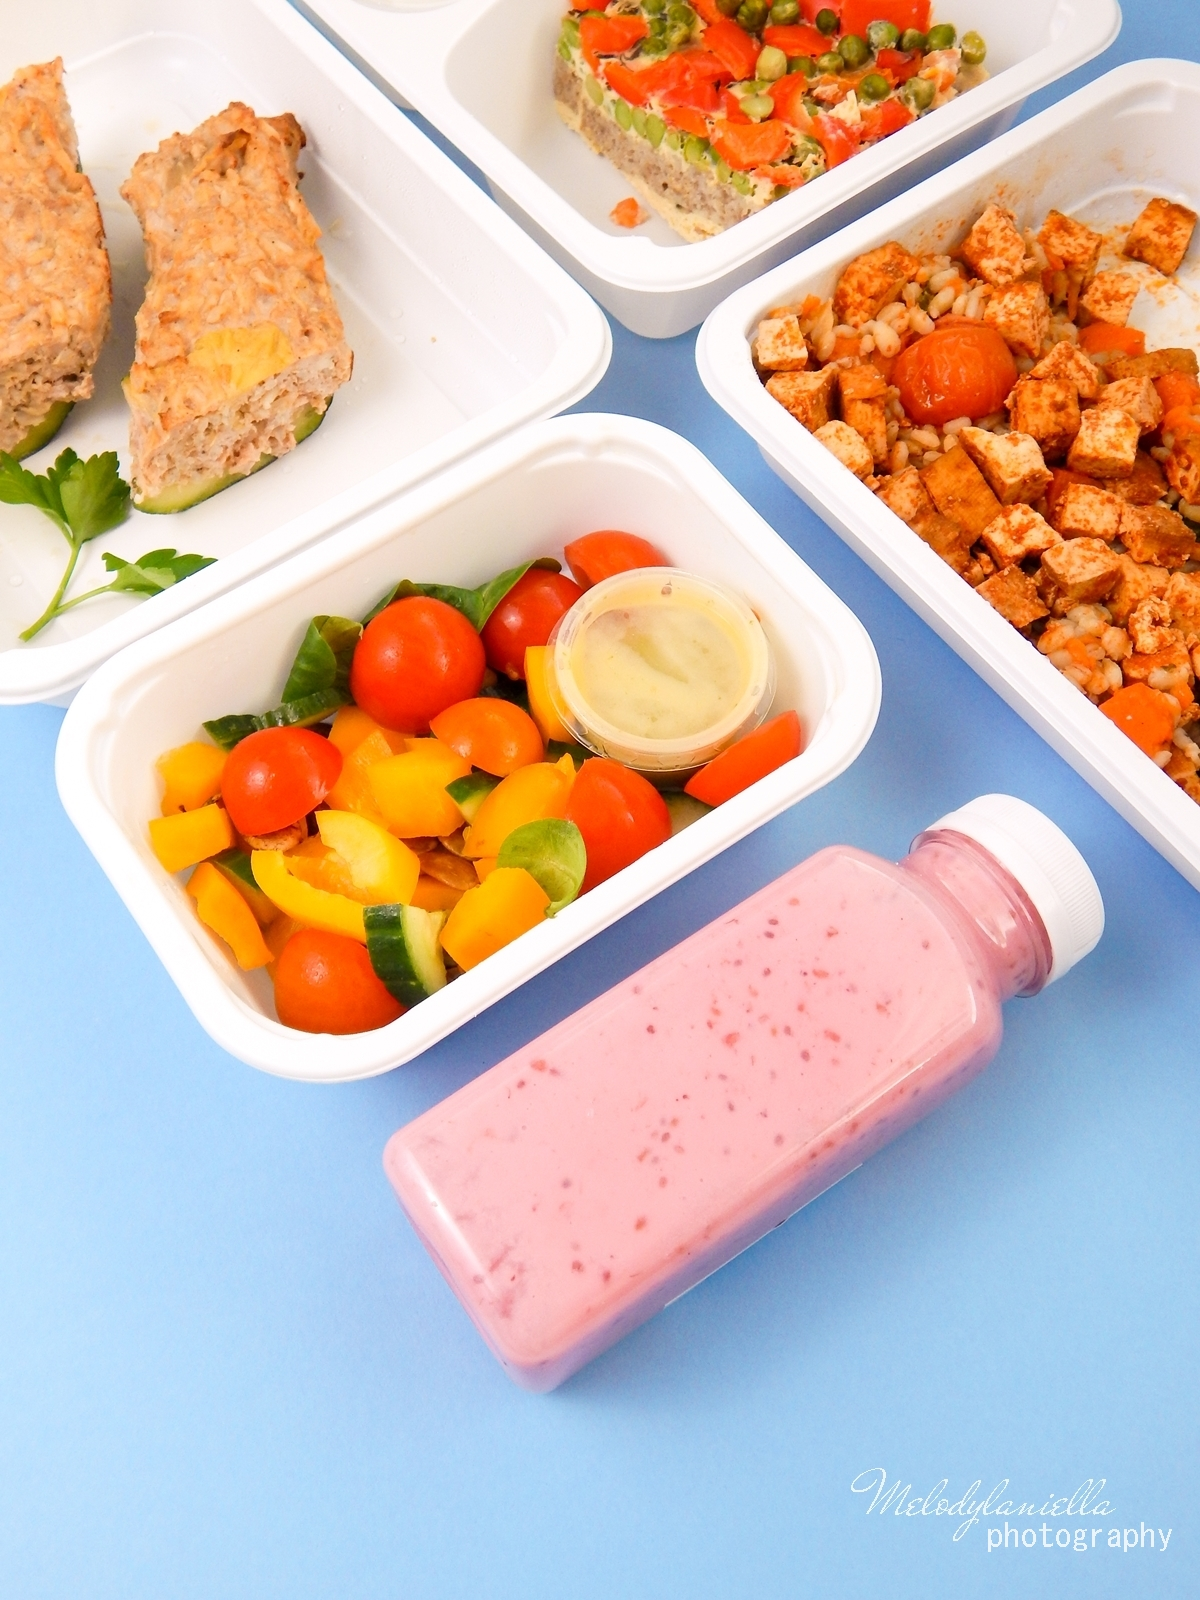 017 cateromarket dieta pudełkowa catering dietetyczny dieta jak przejść na dietę catering z dowozem do domu dieta kalorie melodylaniella dieta na cały dzień jedzenie na cały dzień catering do domu